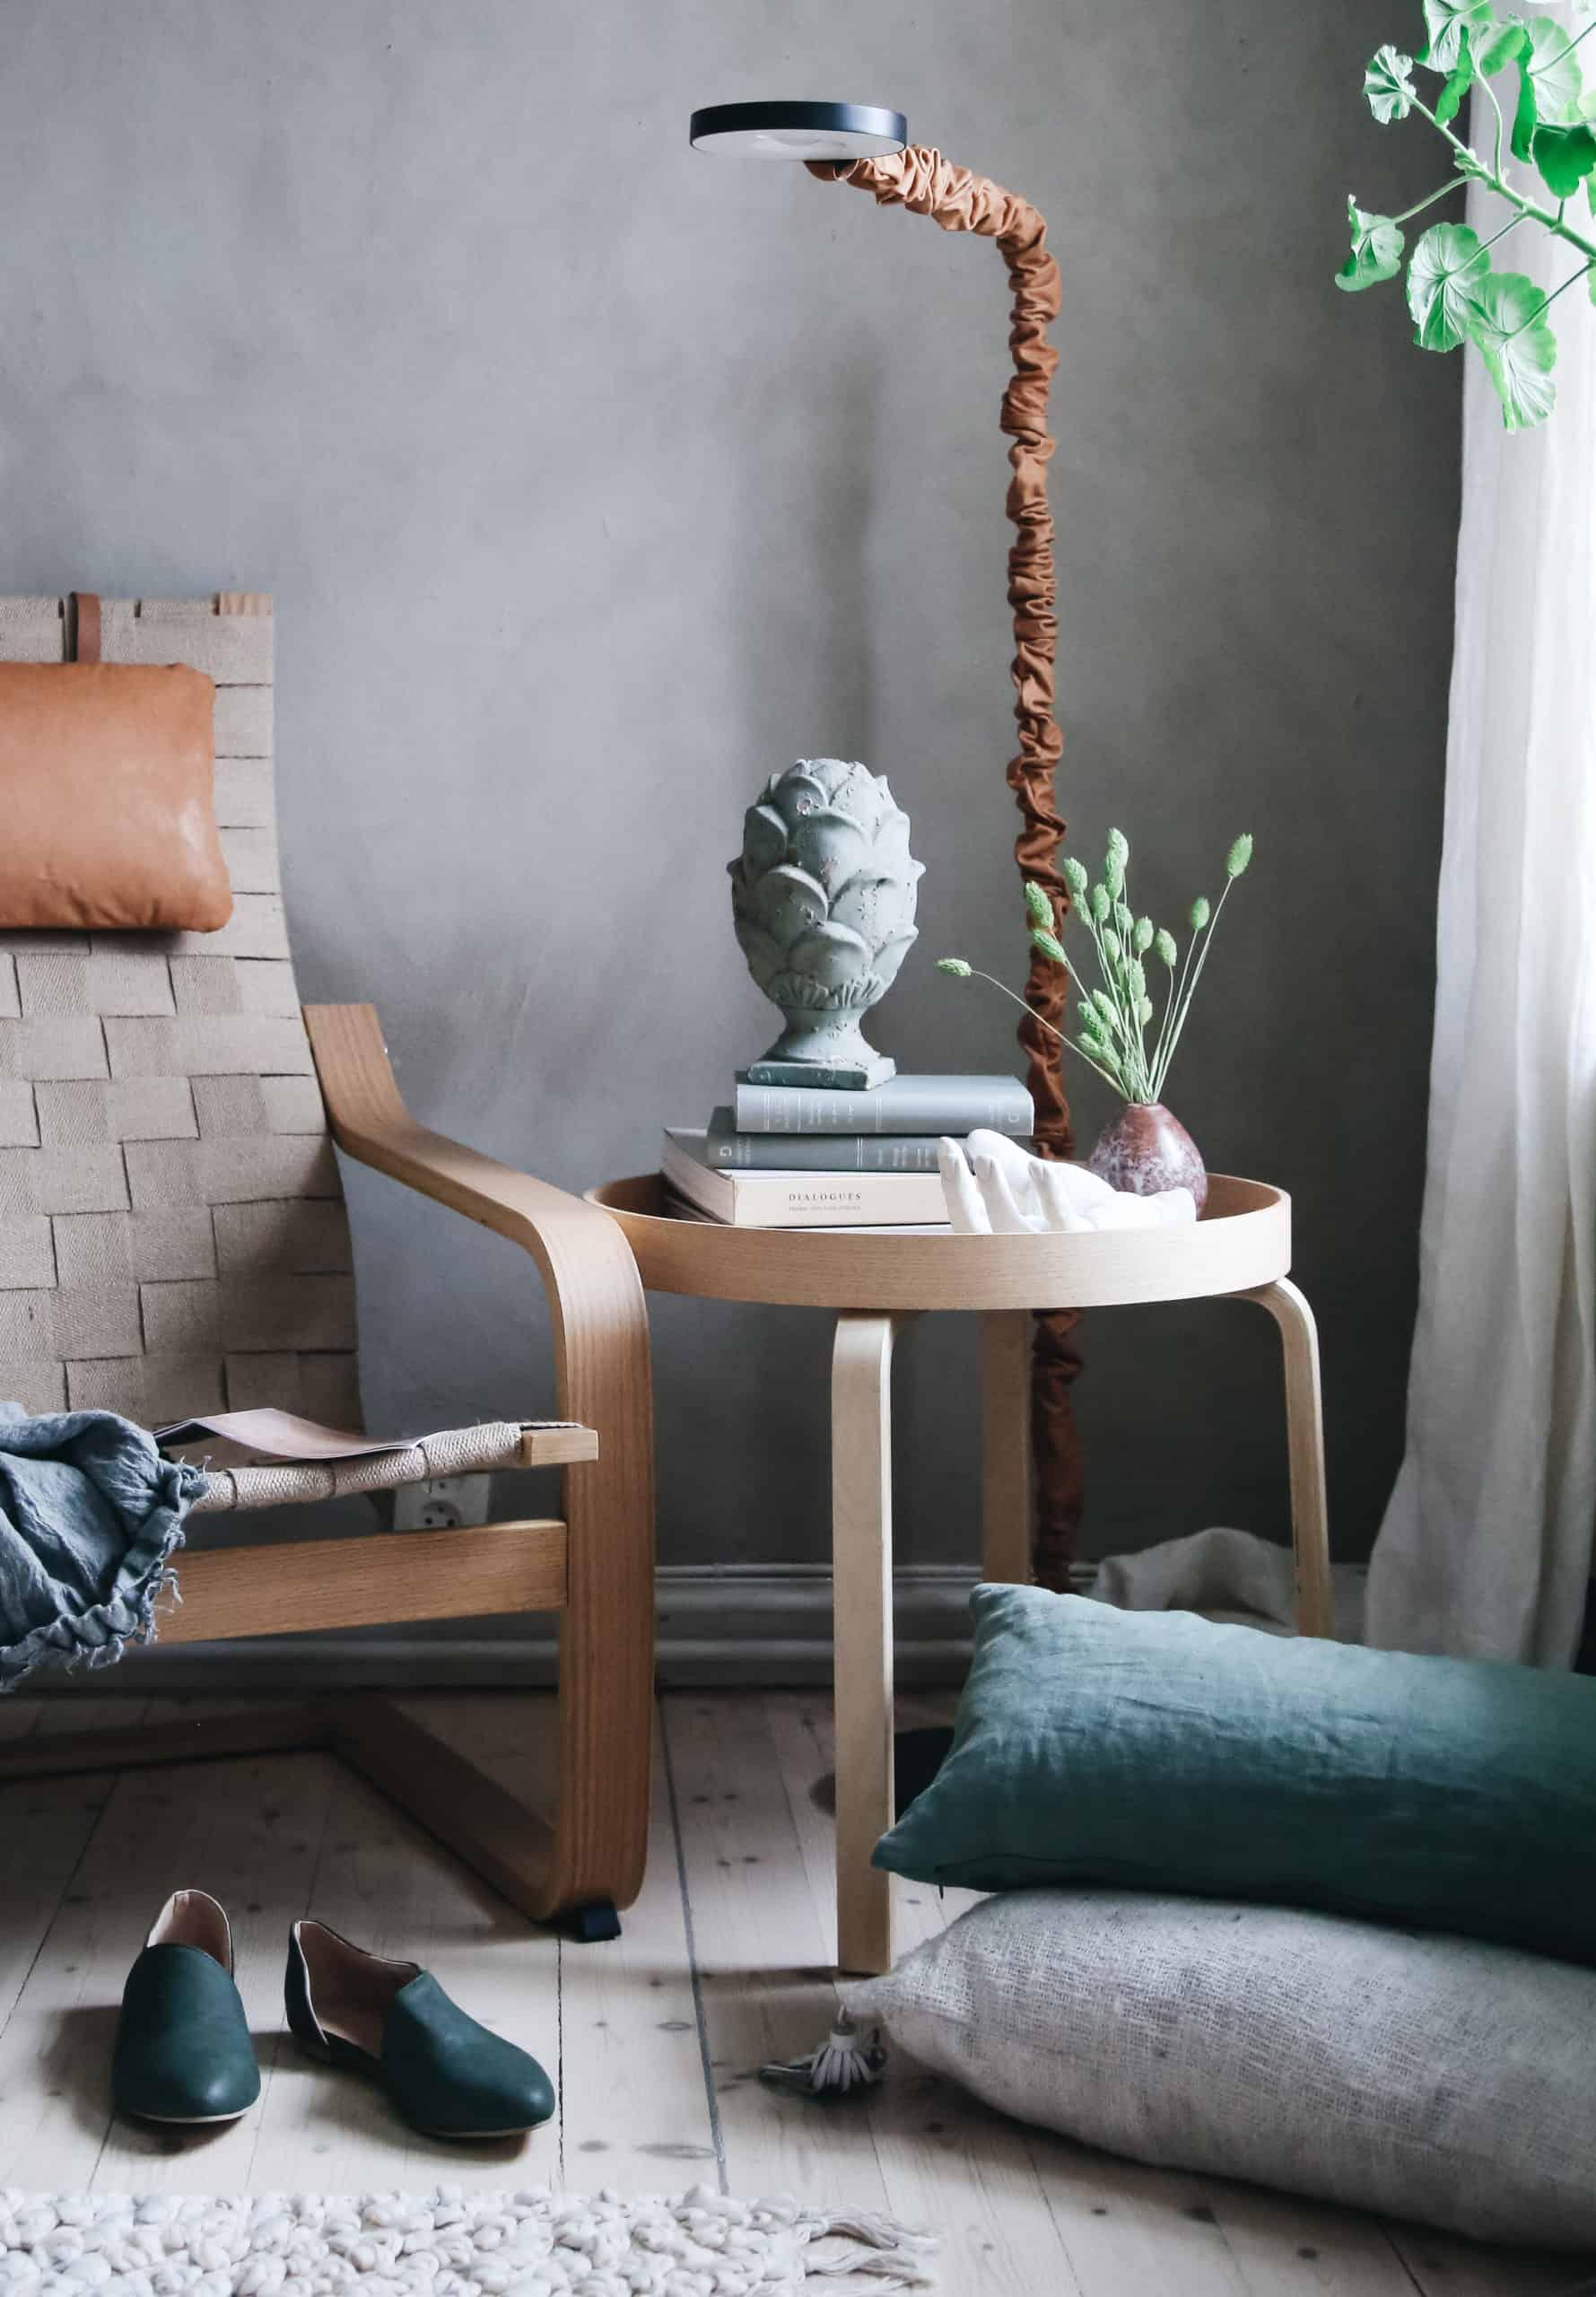 Ikea hack: Pallen Frosta + brickan Stockholm 2017 = Nytt soffbord